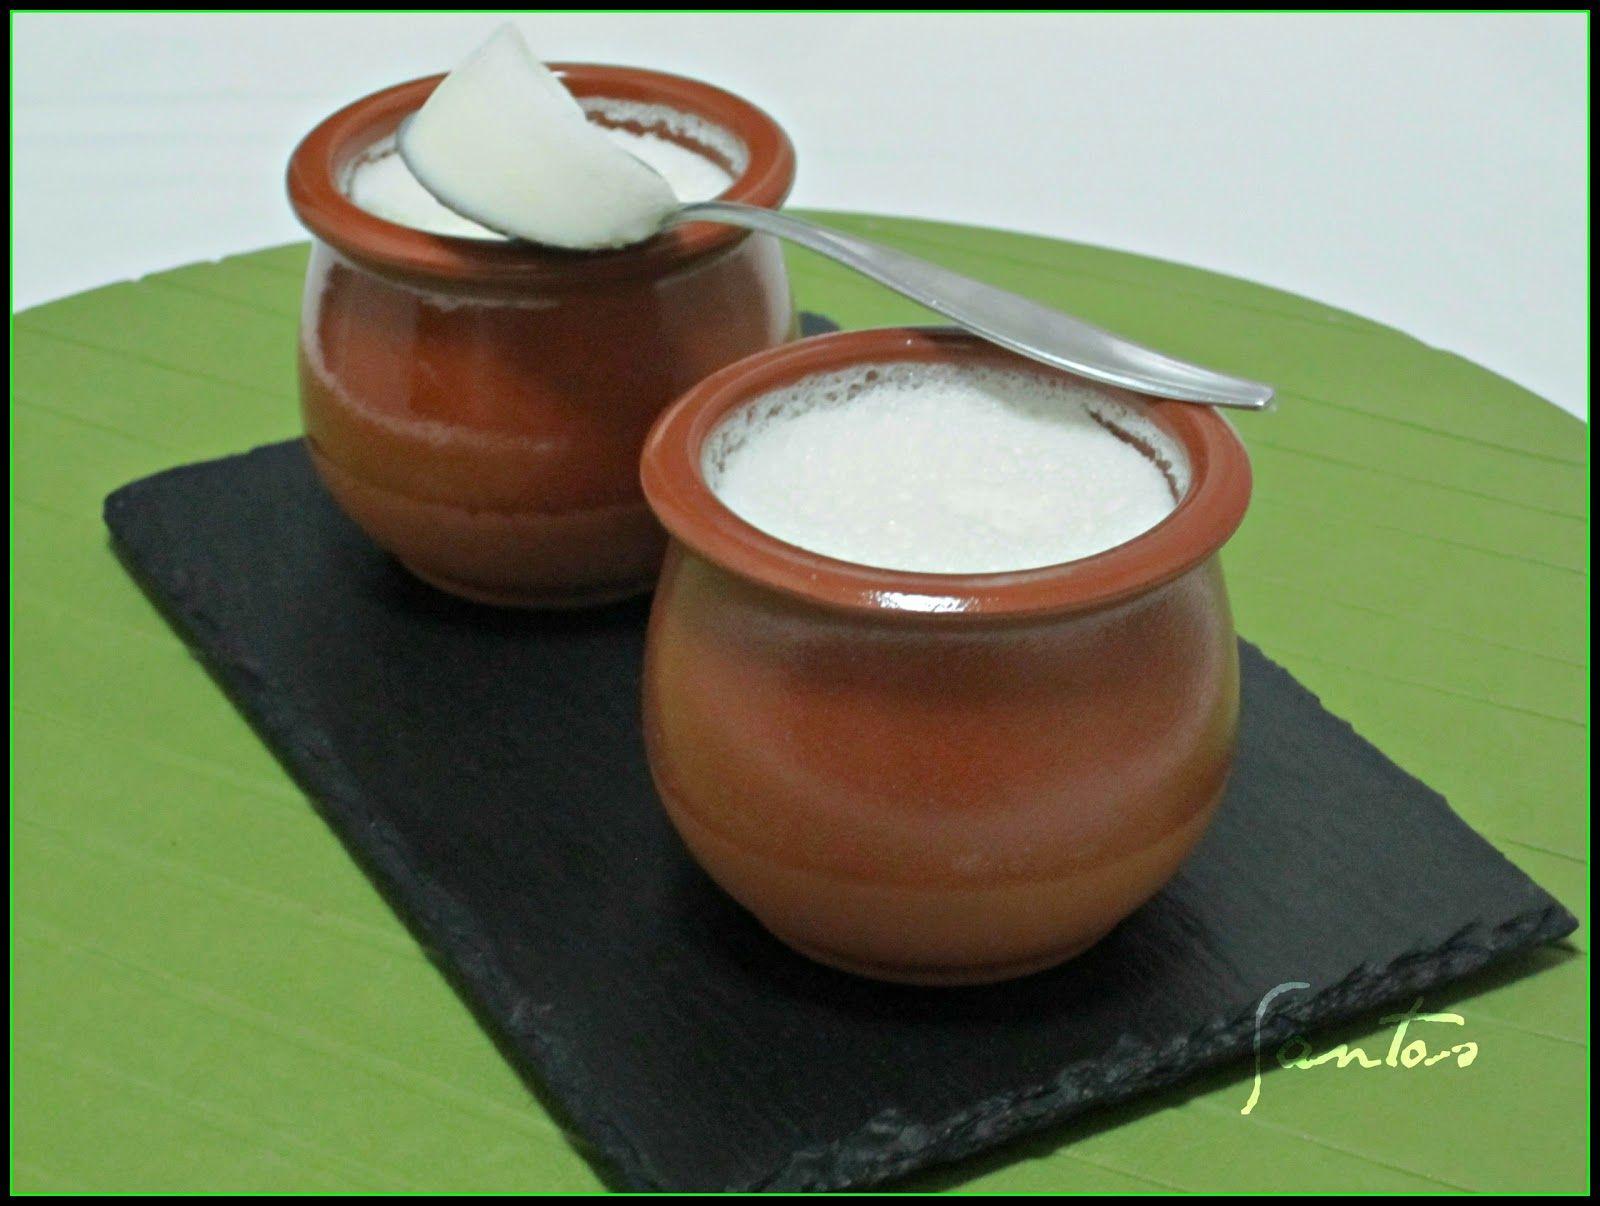 Ingredientes: 1000 g de leche fresca pasteurizada 200 g de leche en polvo (o cloruro cálcico alimentario) 200 g de azúcar ...